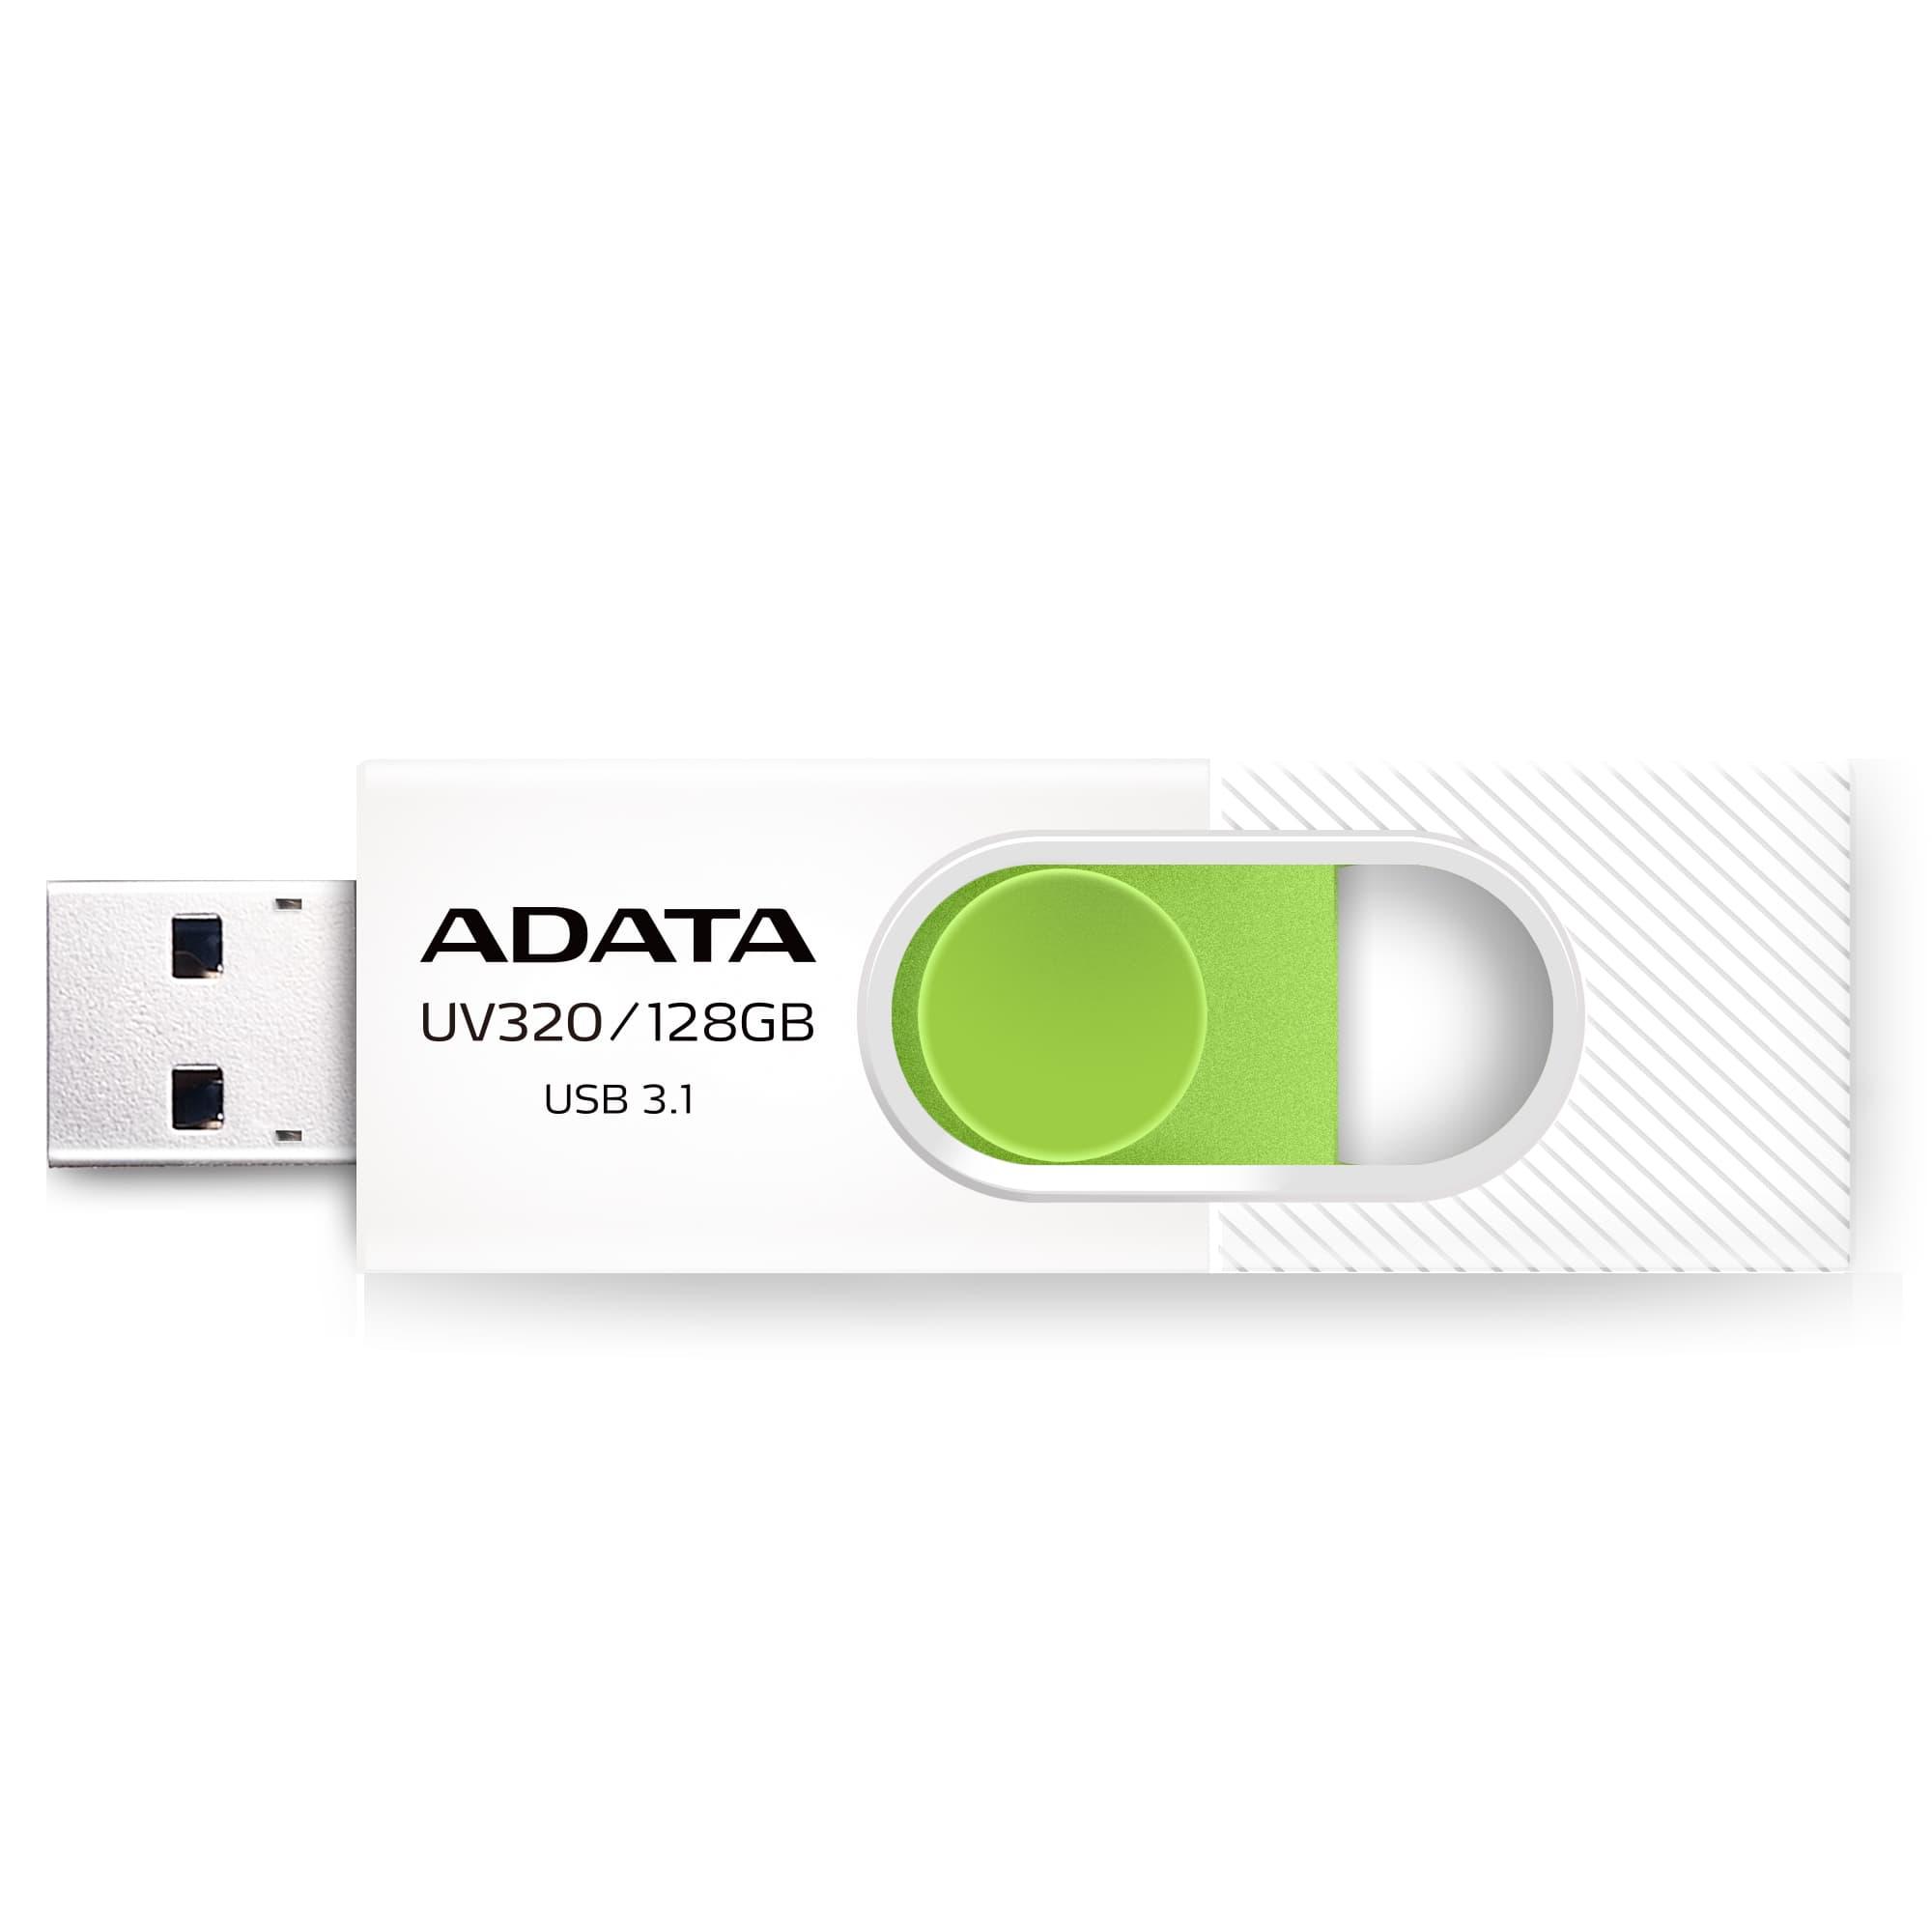 ADATA USB UV320 128GB white/green (USB 3.0)